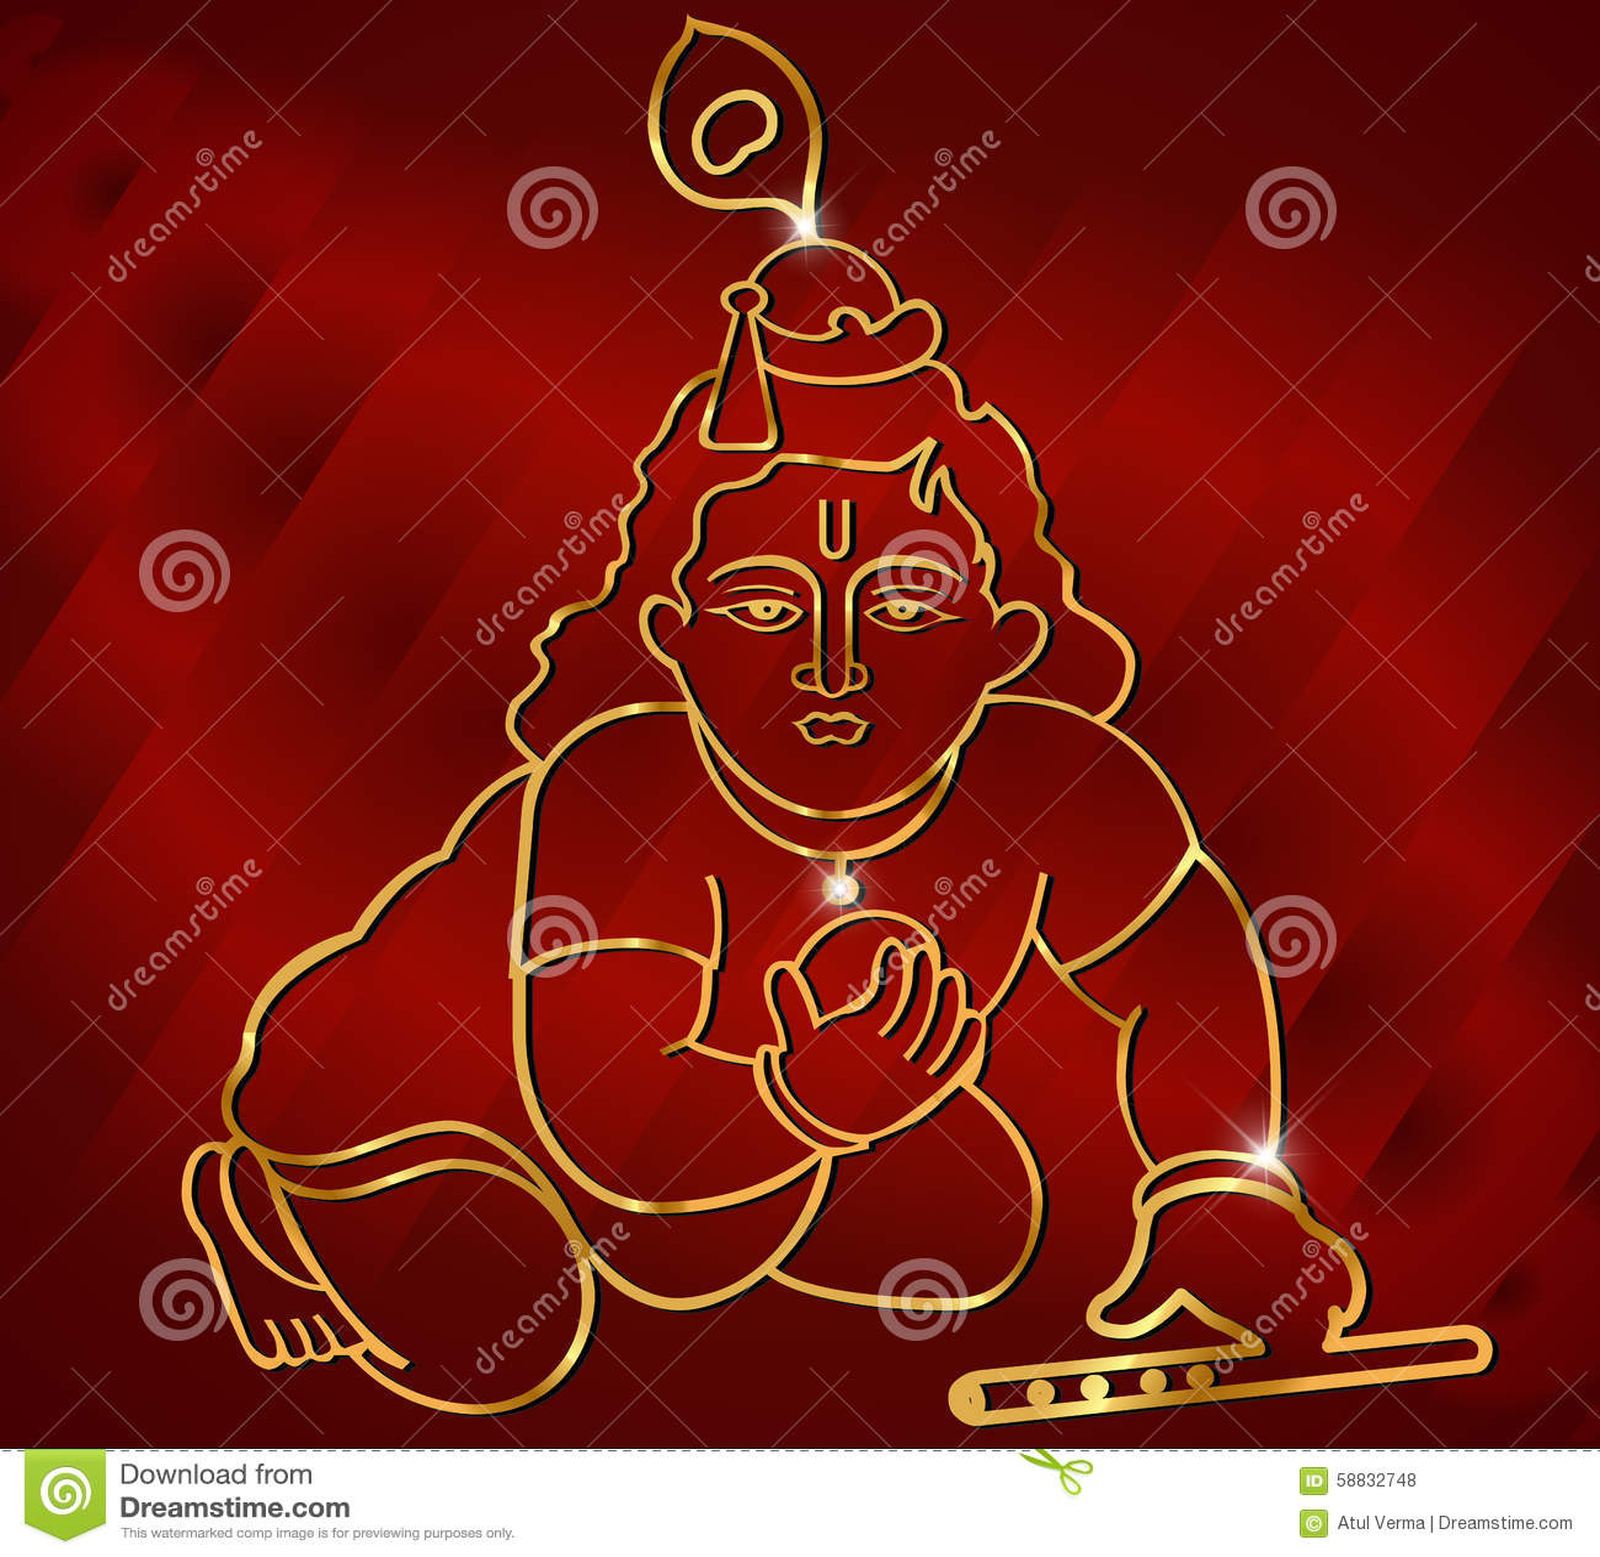 Weinig Krishna met fluit, het Hindoese kunstwerk van godskrishna op rode satijnachtergrond